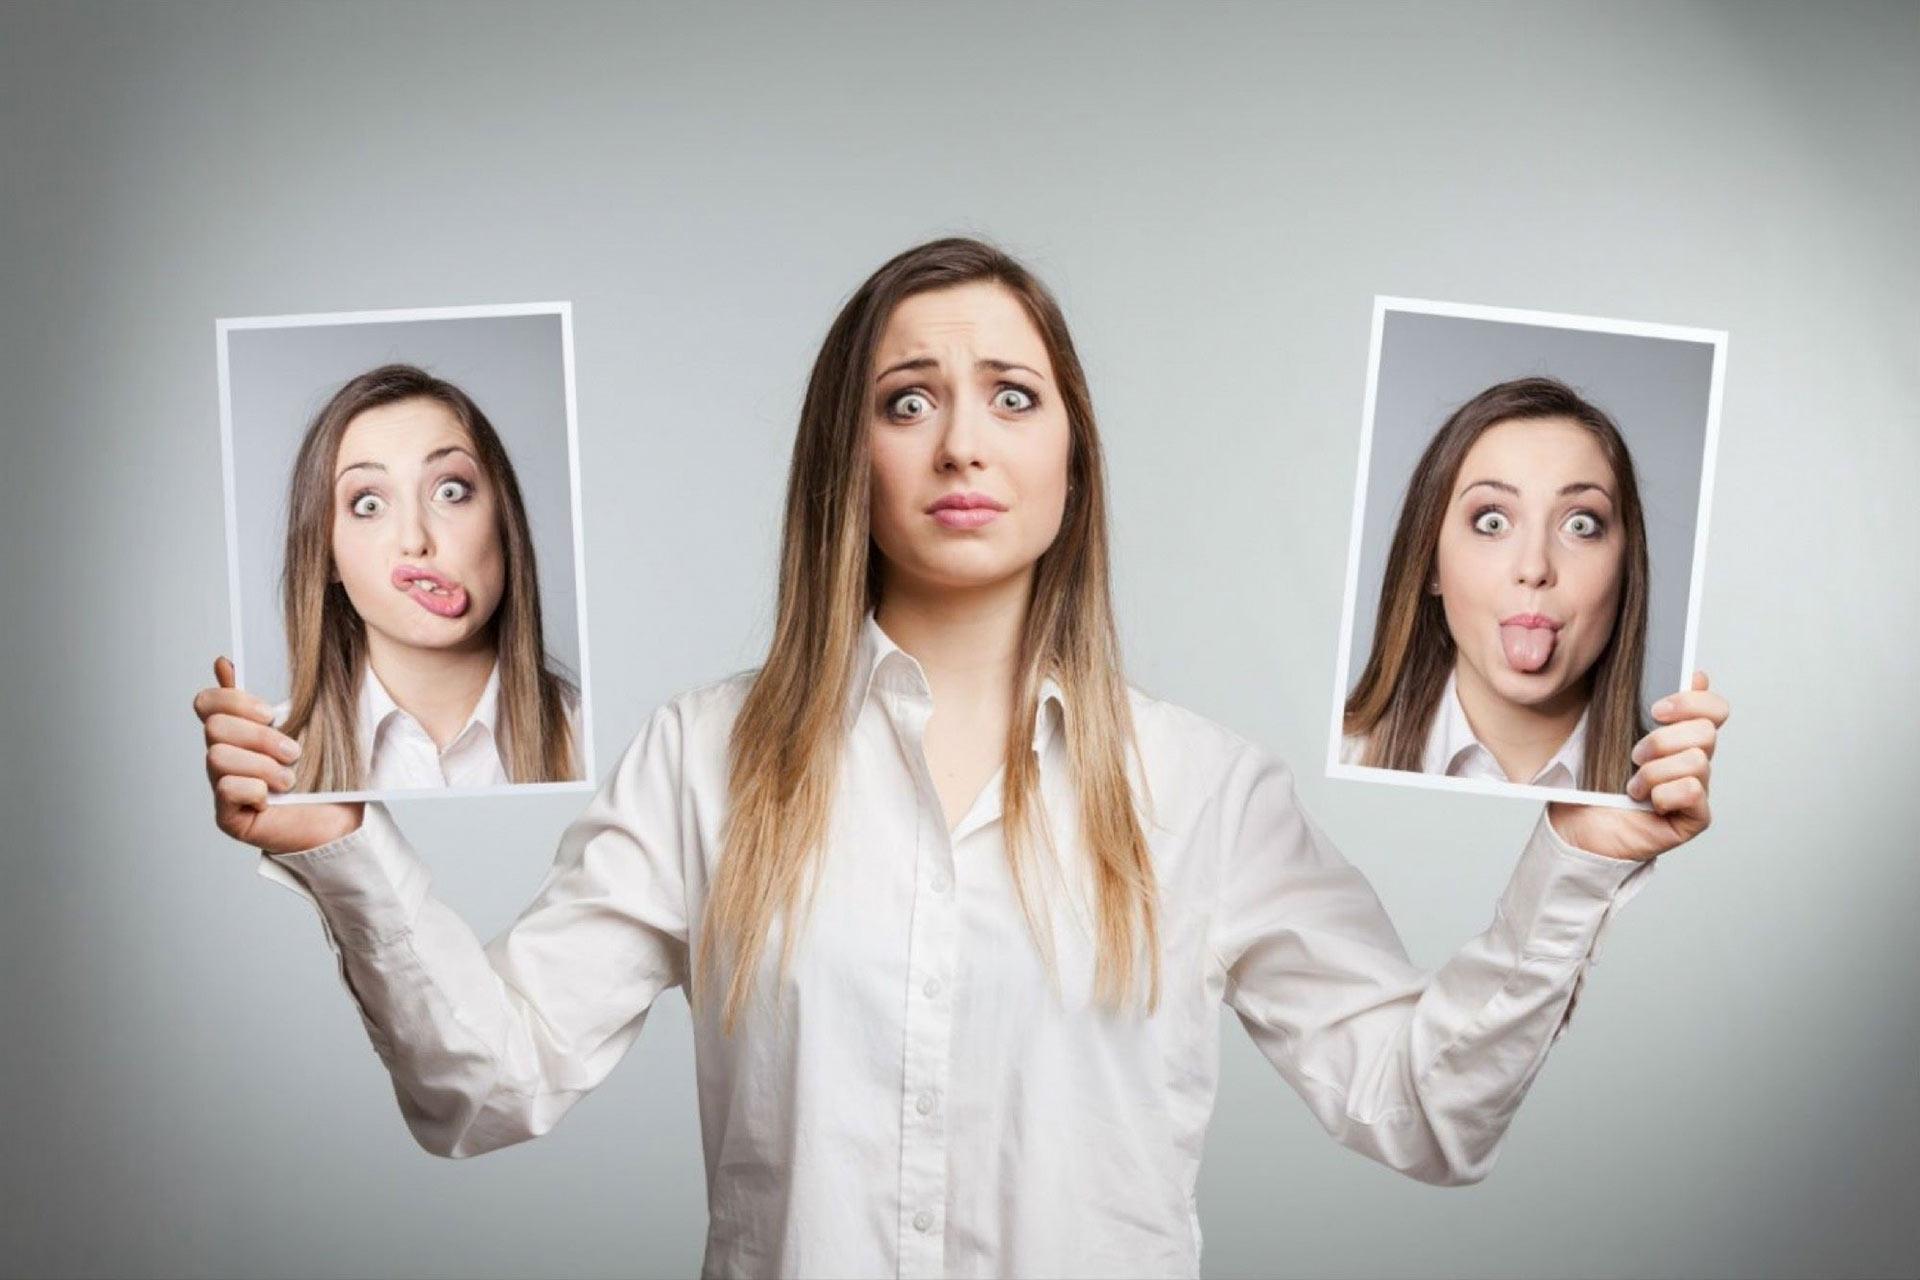 Бесплатный вебинар: Без эмоций жить нельзя на свете